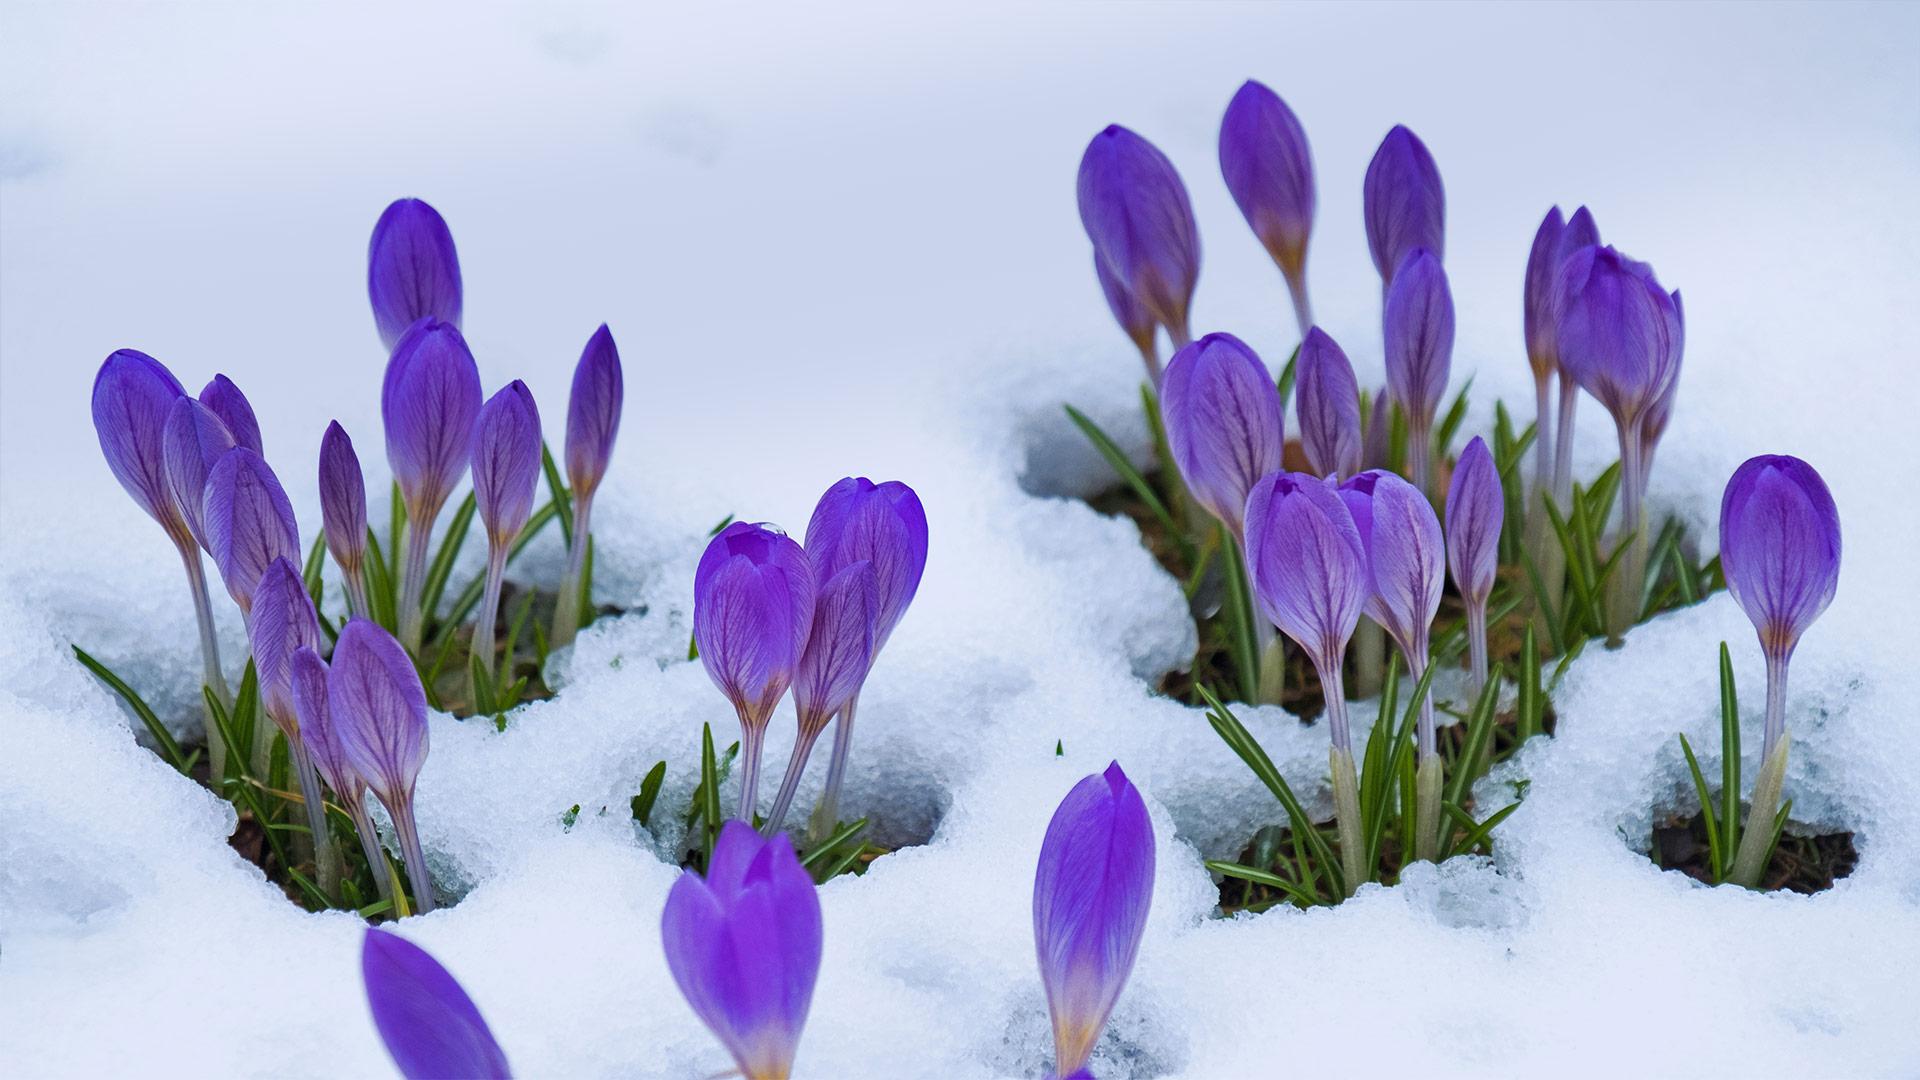 「雪とクロッカス」 (© Lorianne Ende/Getty Images)